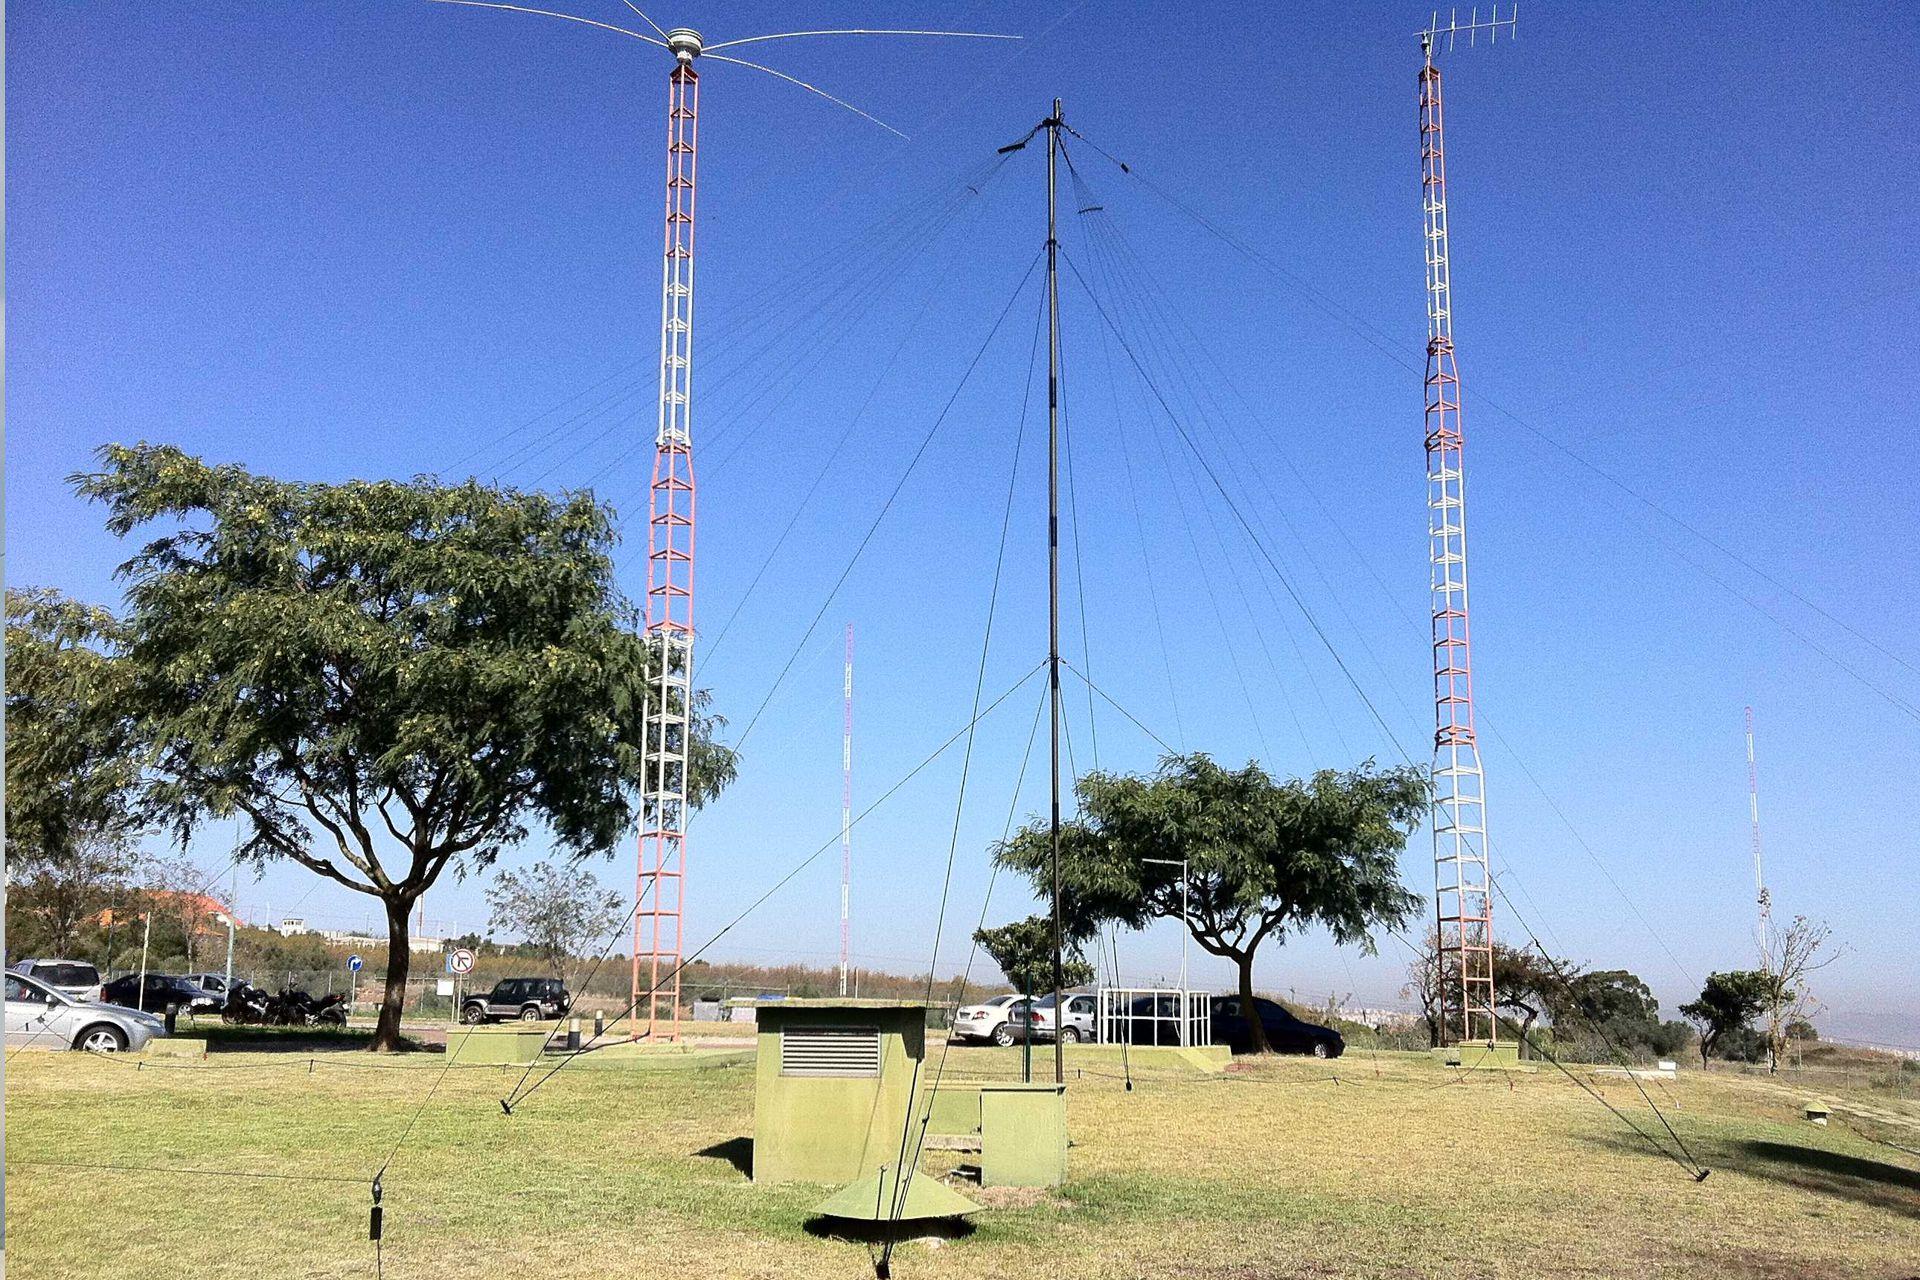 Military HF antennas 2 MHz - 30 MHz